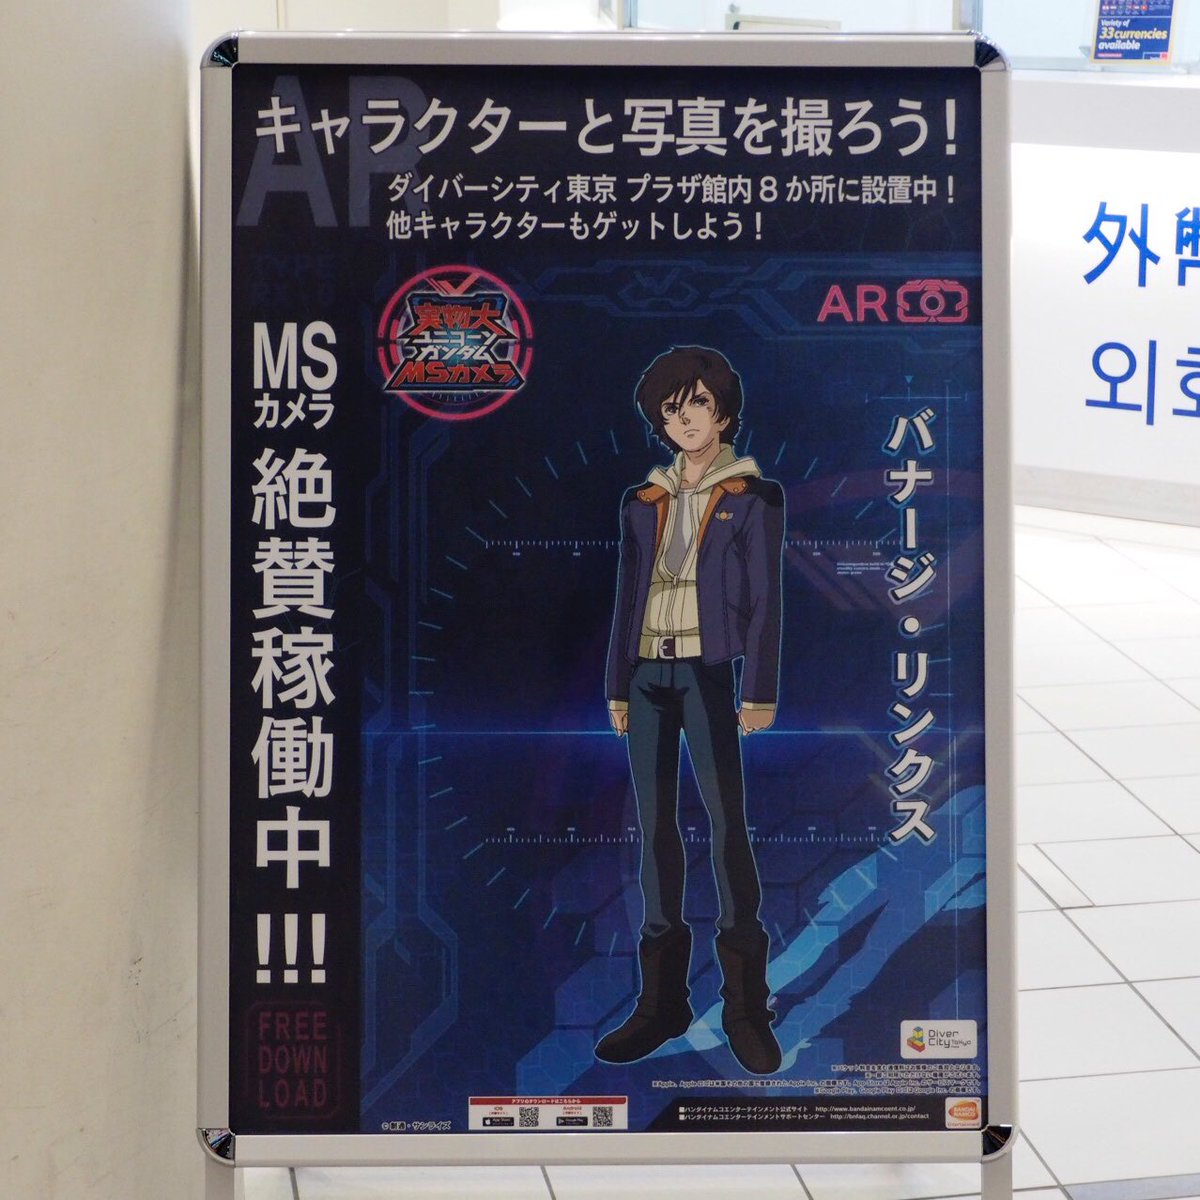 ダイバーシティ東京内にガンダムUCのキャラと写真が撮れるARスポットが出現!「MSカメラ」てアプリから利用するらしく、検